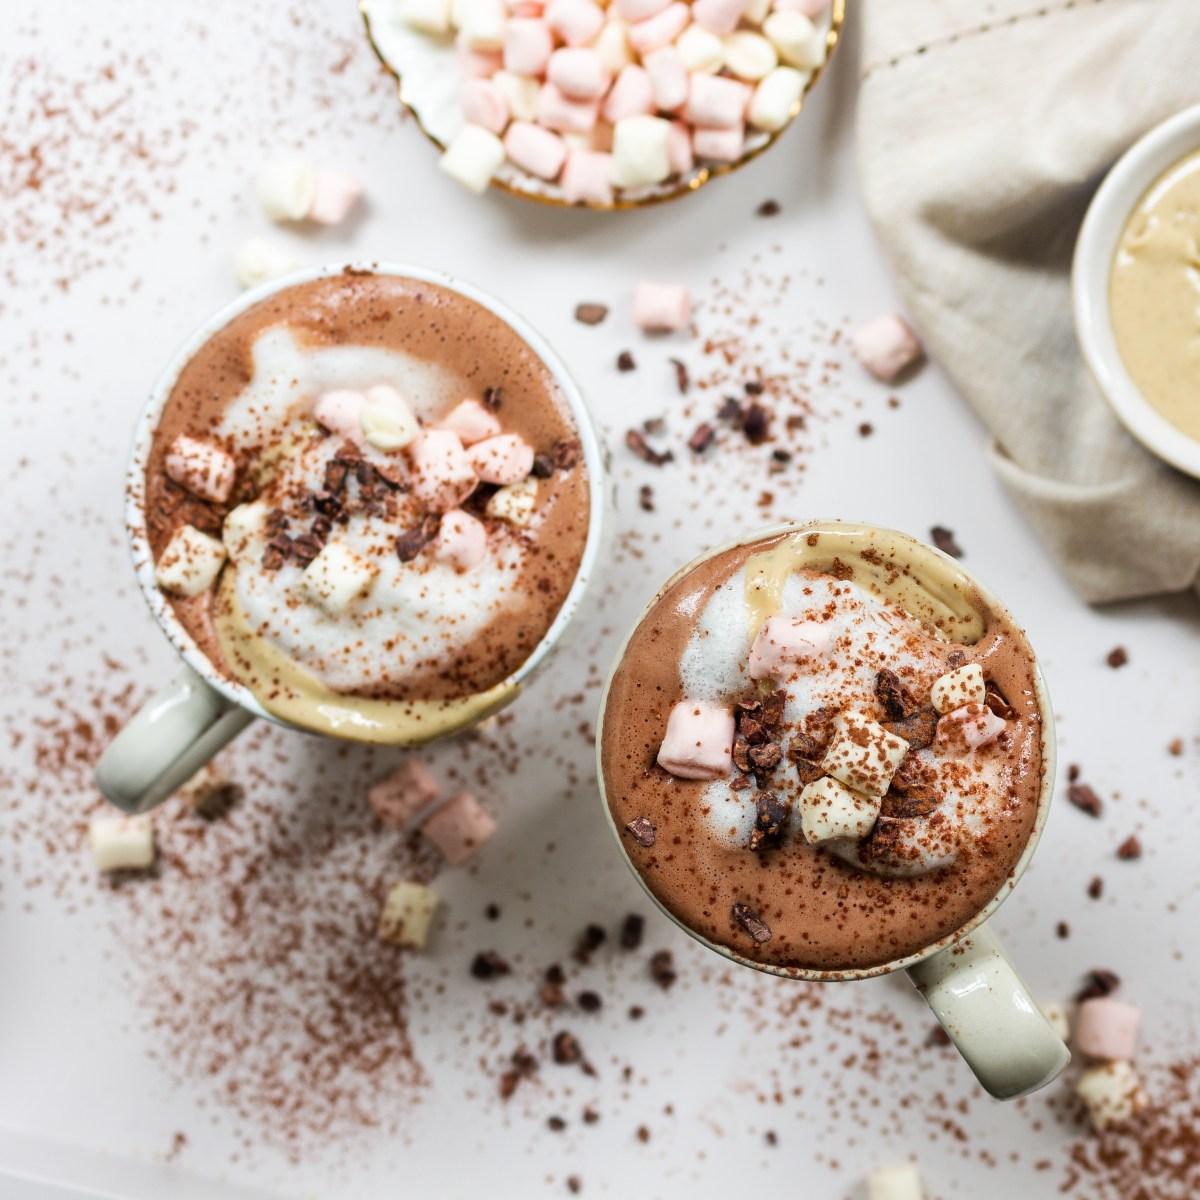 Cashew and Vanilla Hot Chocolate